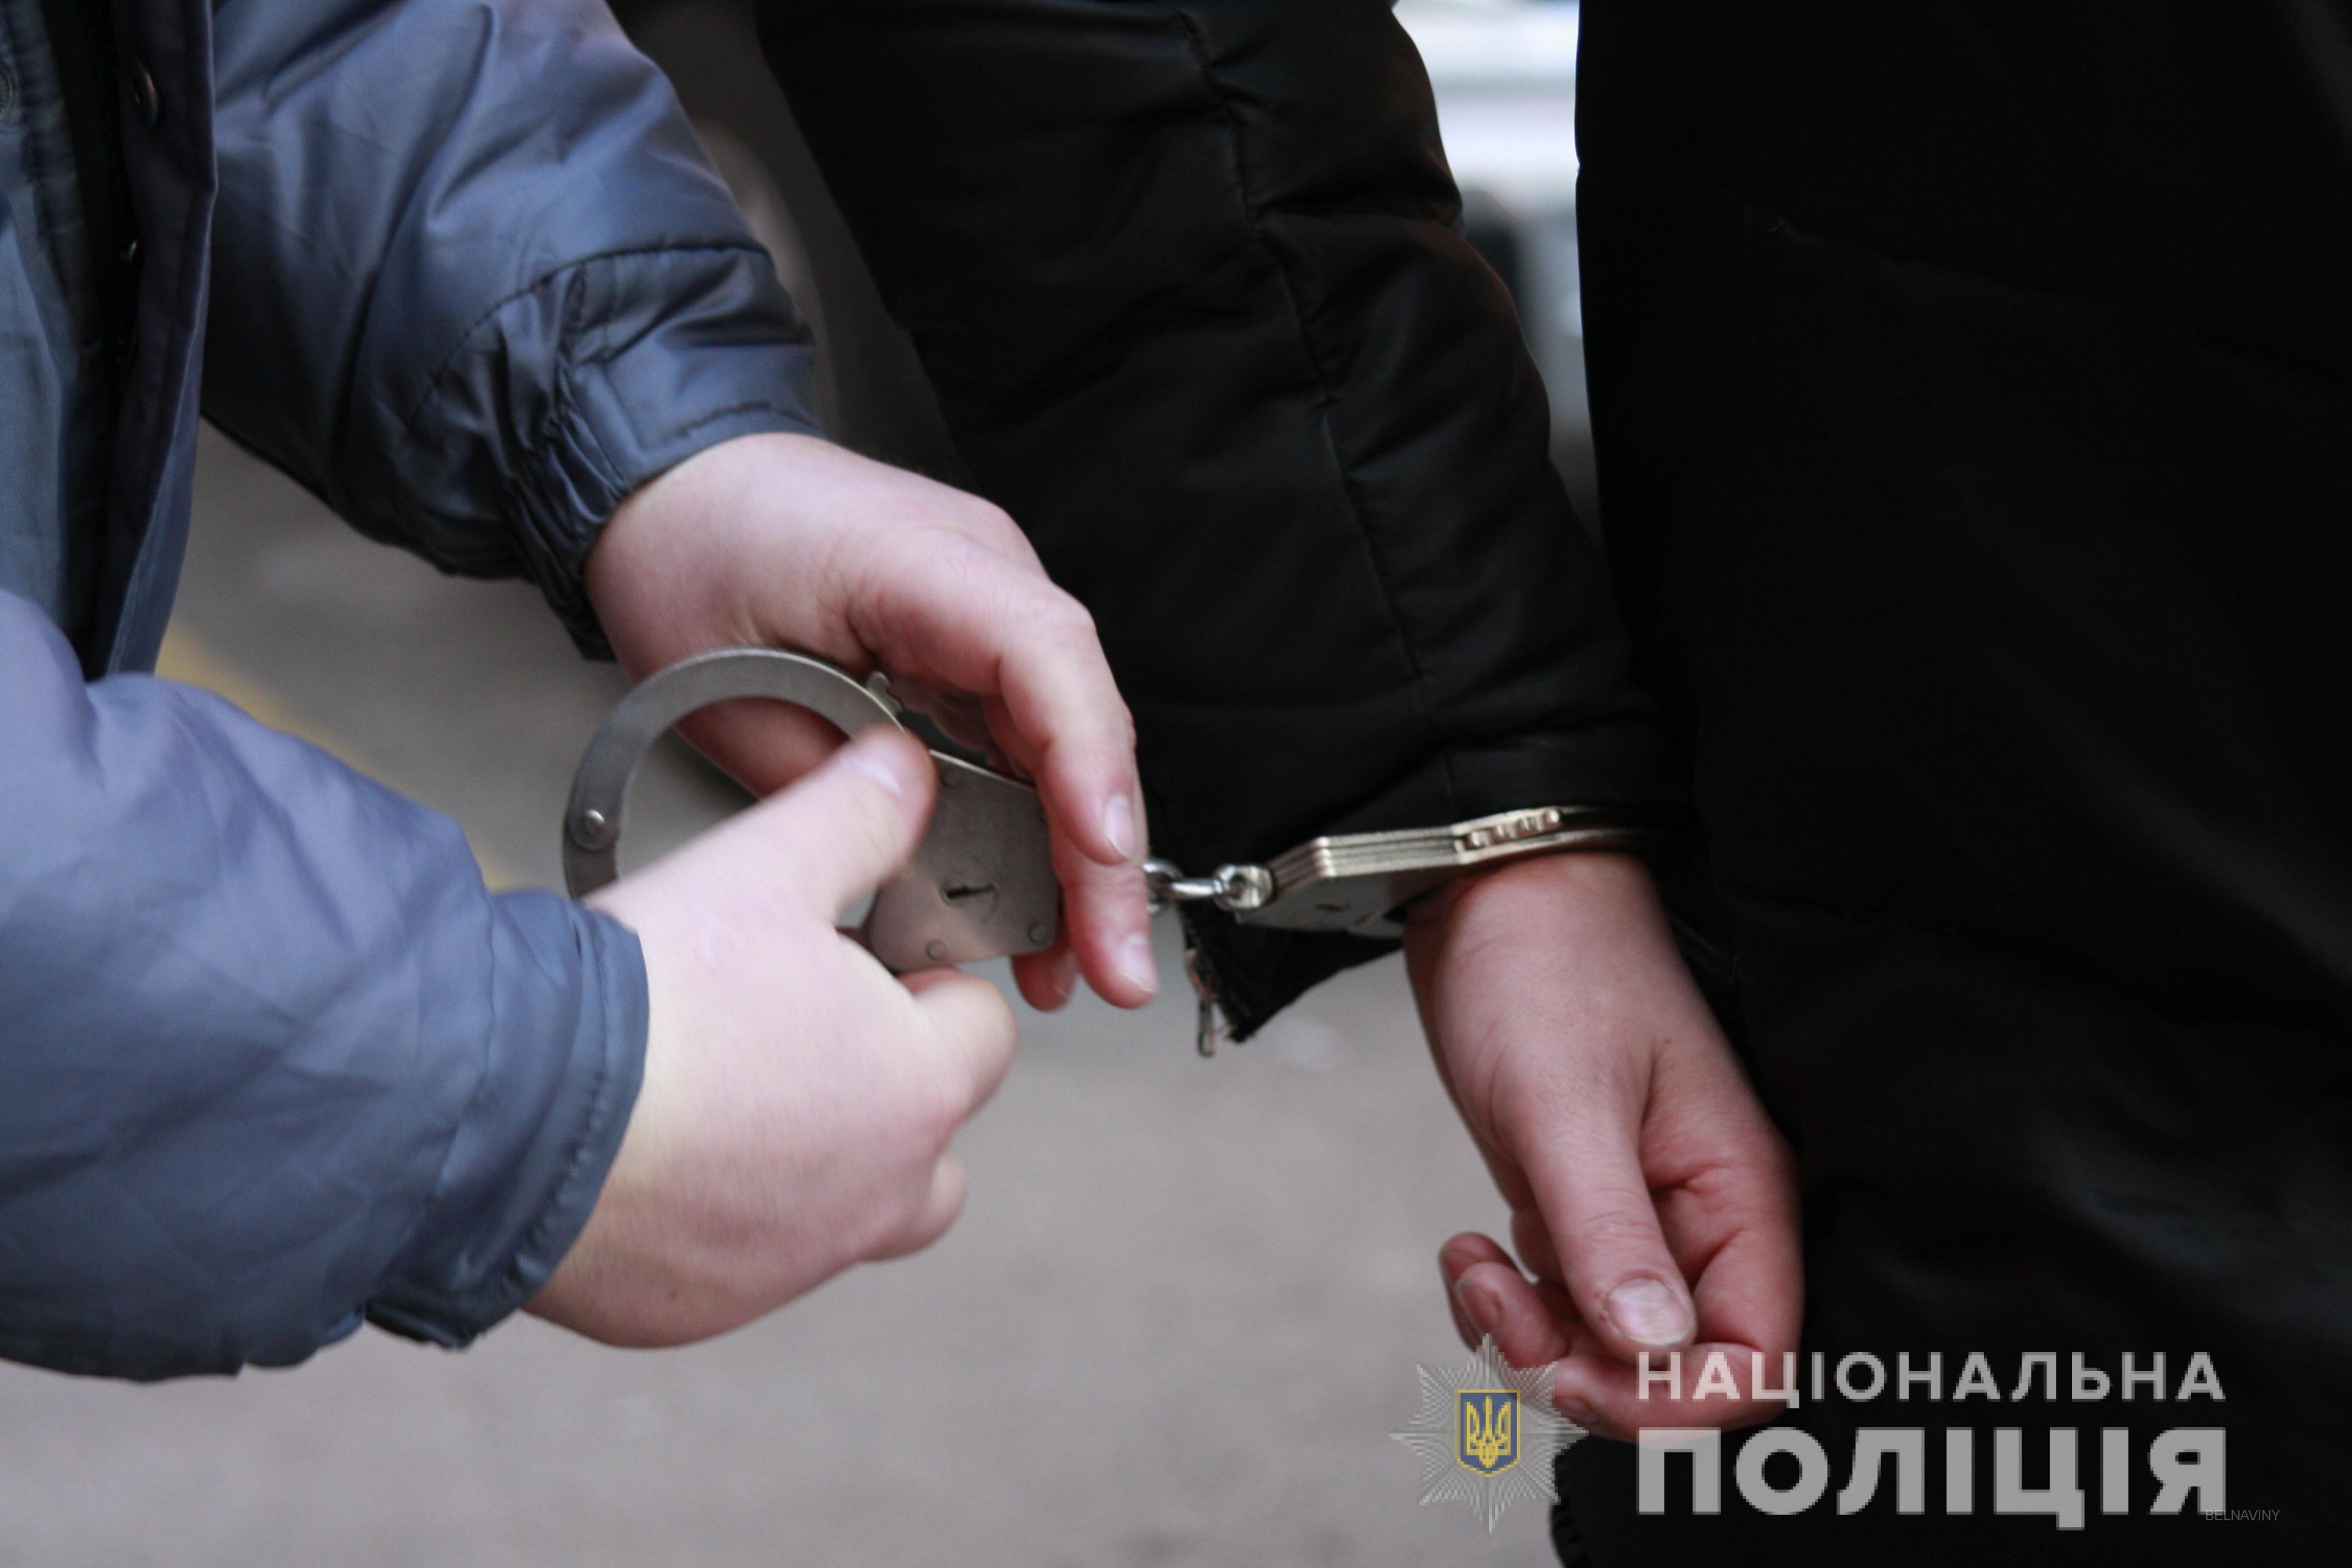 На Прикарпатті чоловіки викрали з підприємства будматеріалів на 300 тисяч гривень